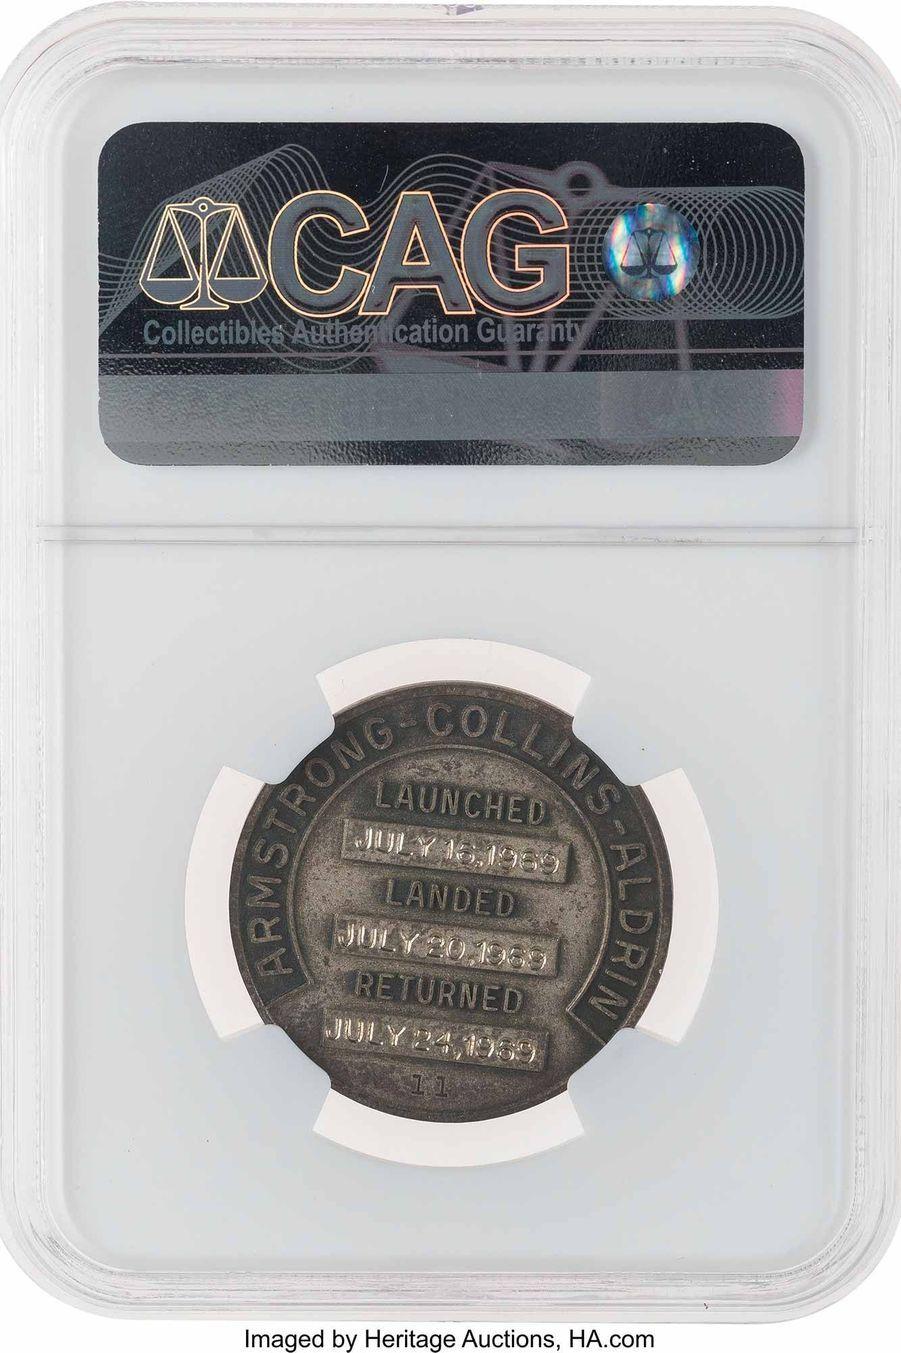 Médaille en argent de Neil Armstrong.